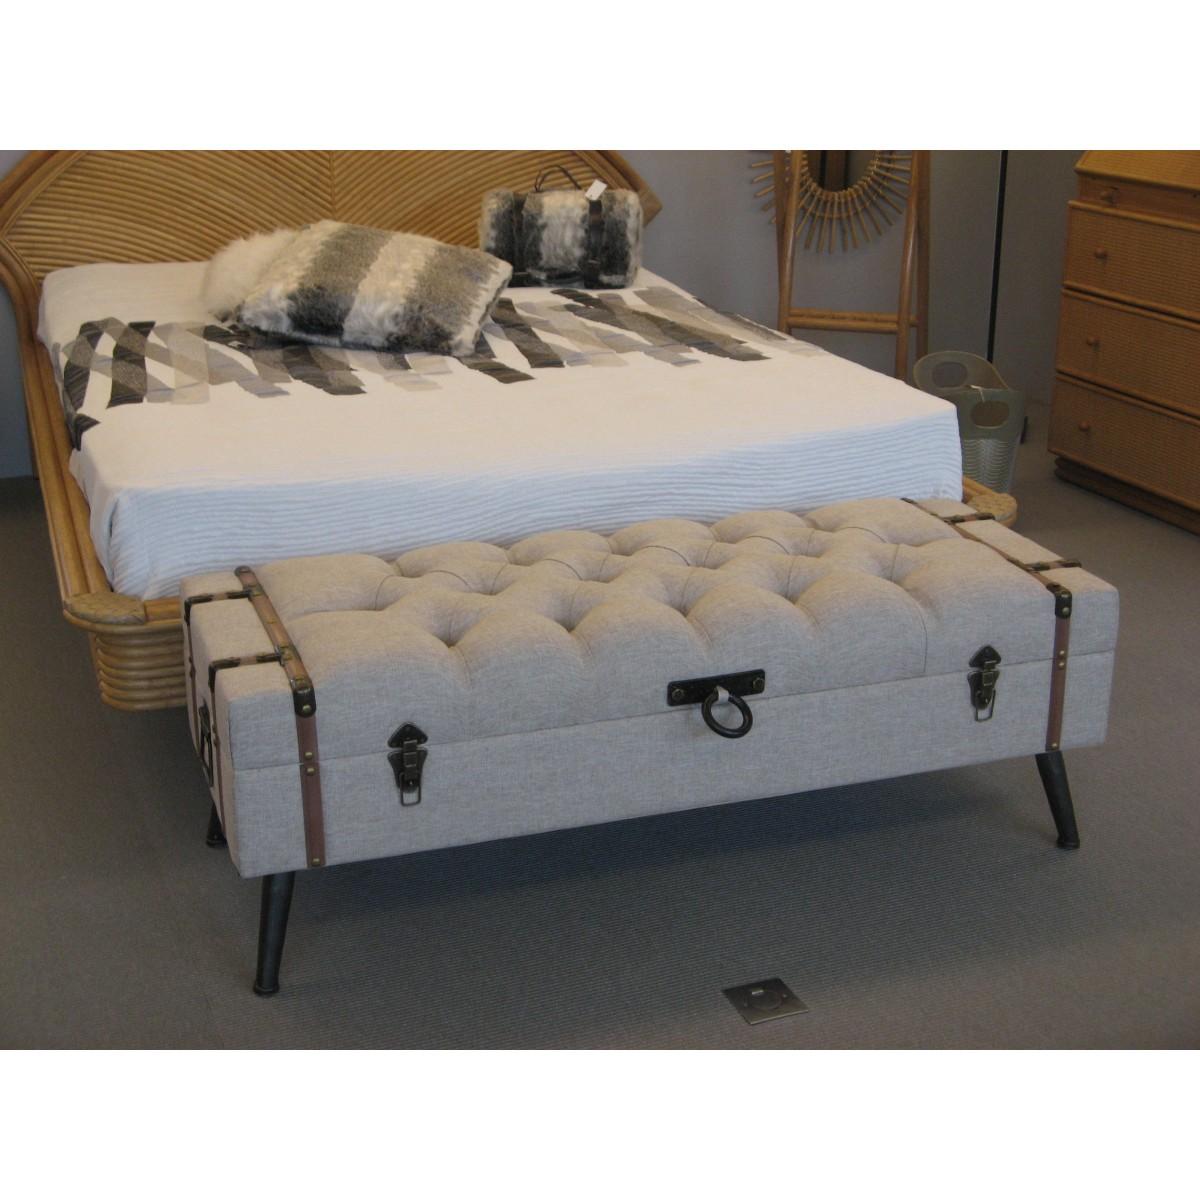 banquette coffre simple helloshop banquettes banc banquette coffre rangement brun salon s with. Black Bedroom Furniture Sets. Home Design Ideas